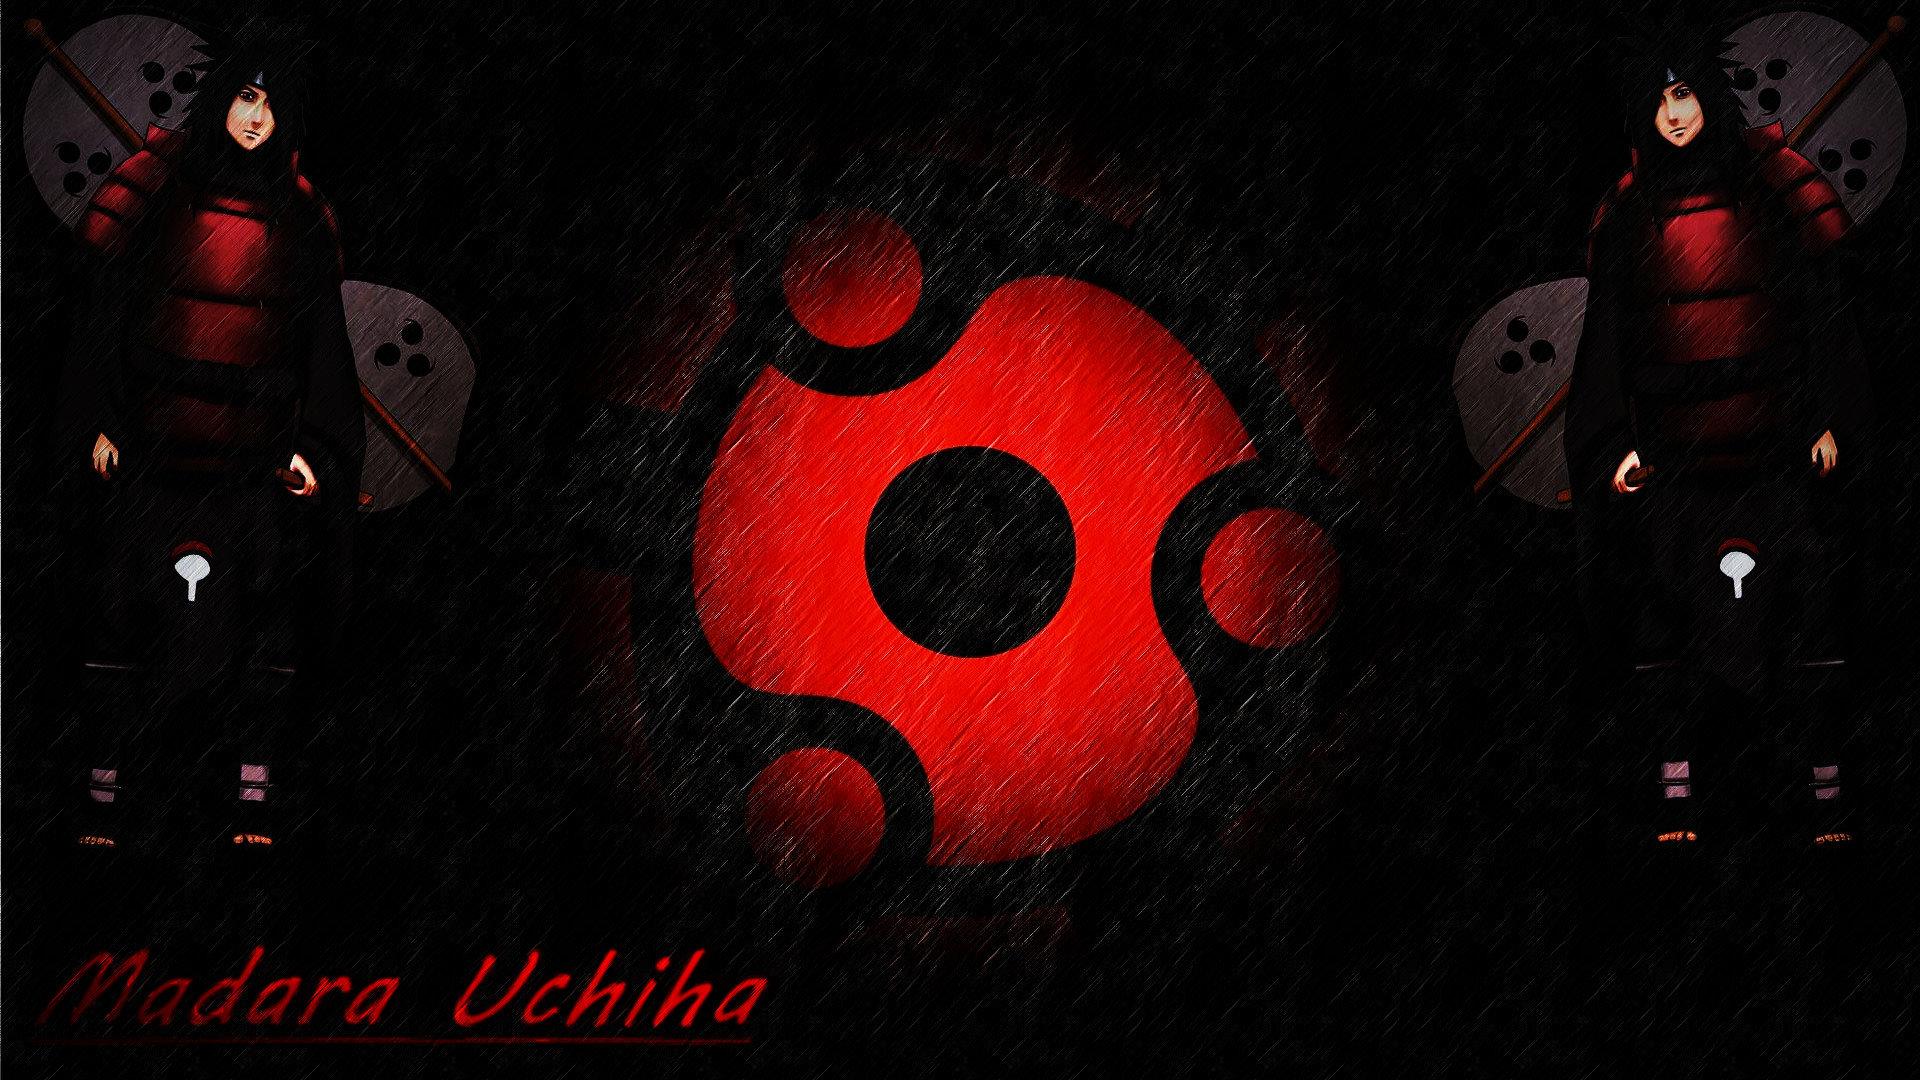 Best Madara Uchiha Wallpaper Id Uchiha Madara 1920x1080 Wallpaper Teahub Io